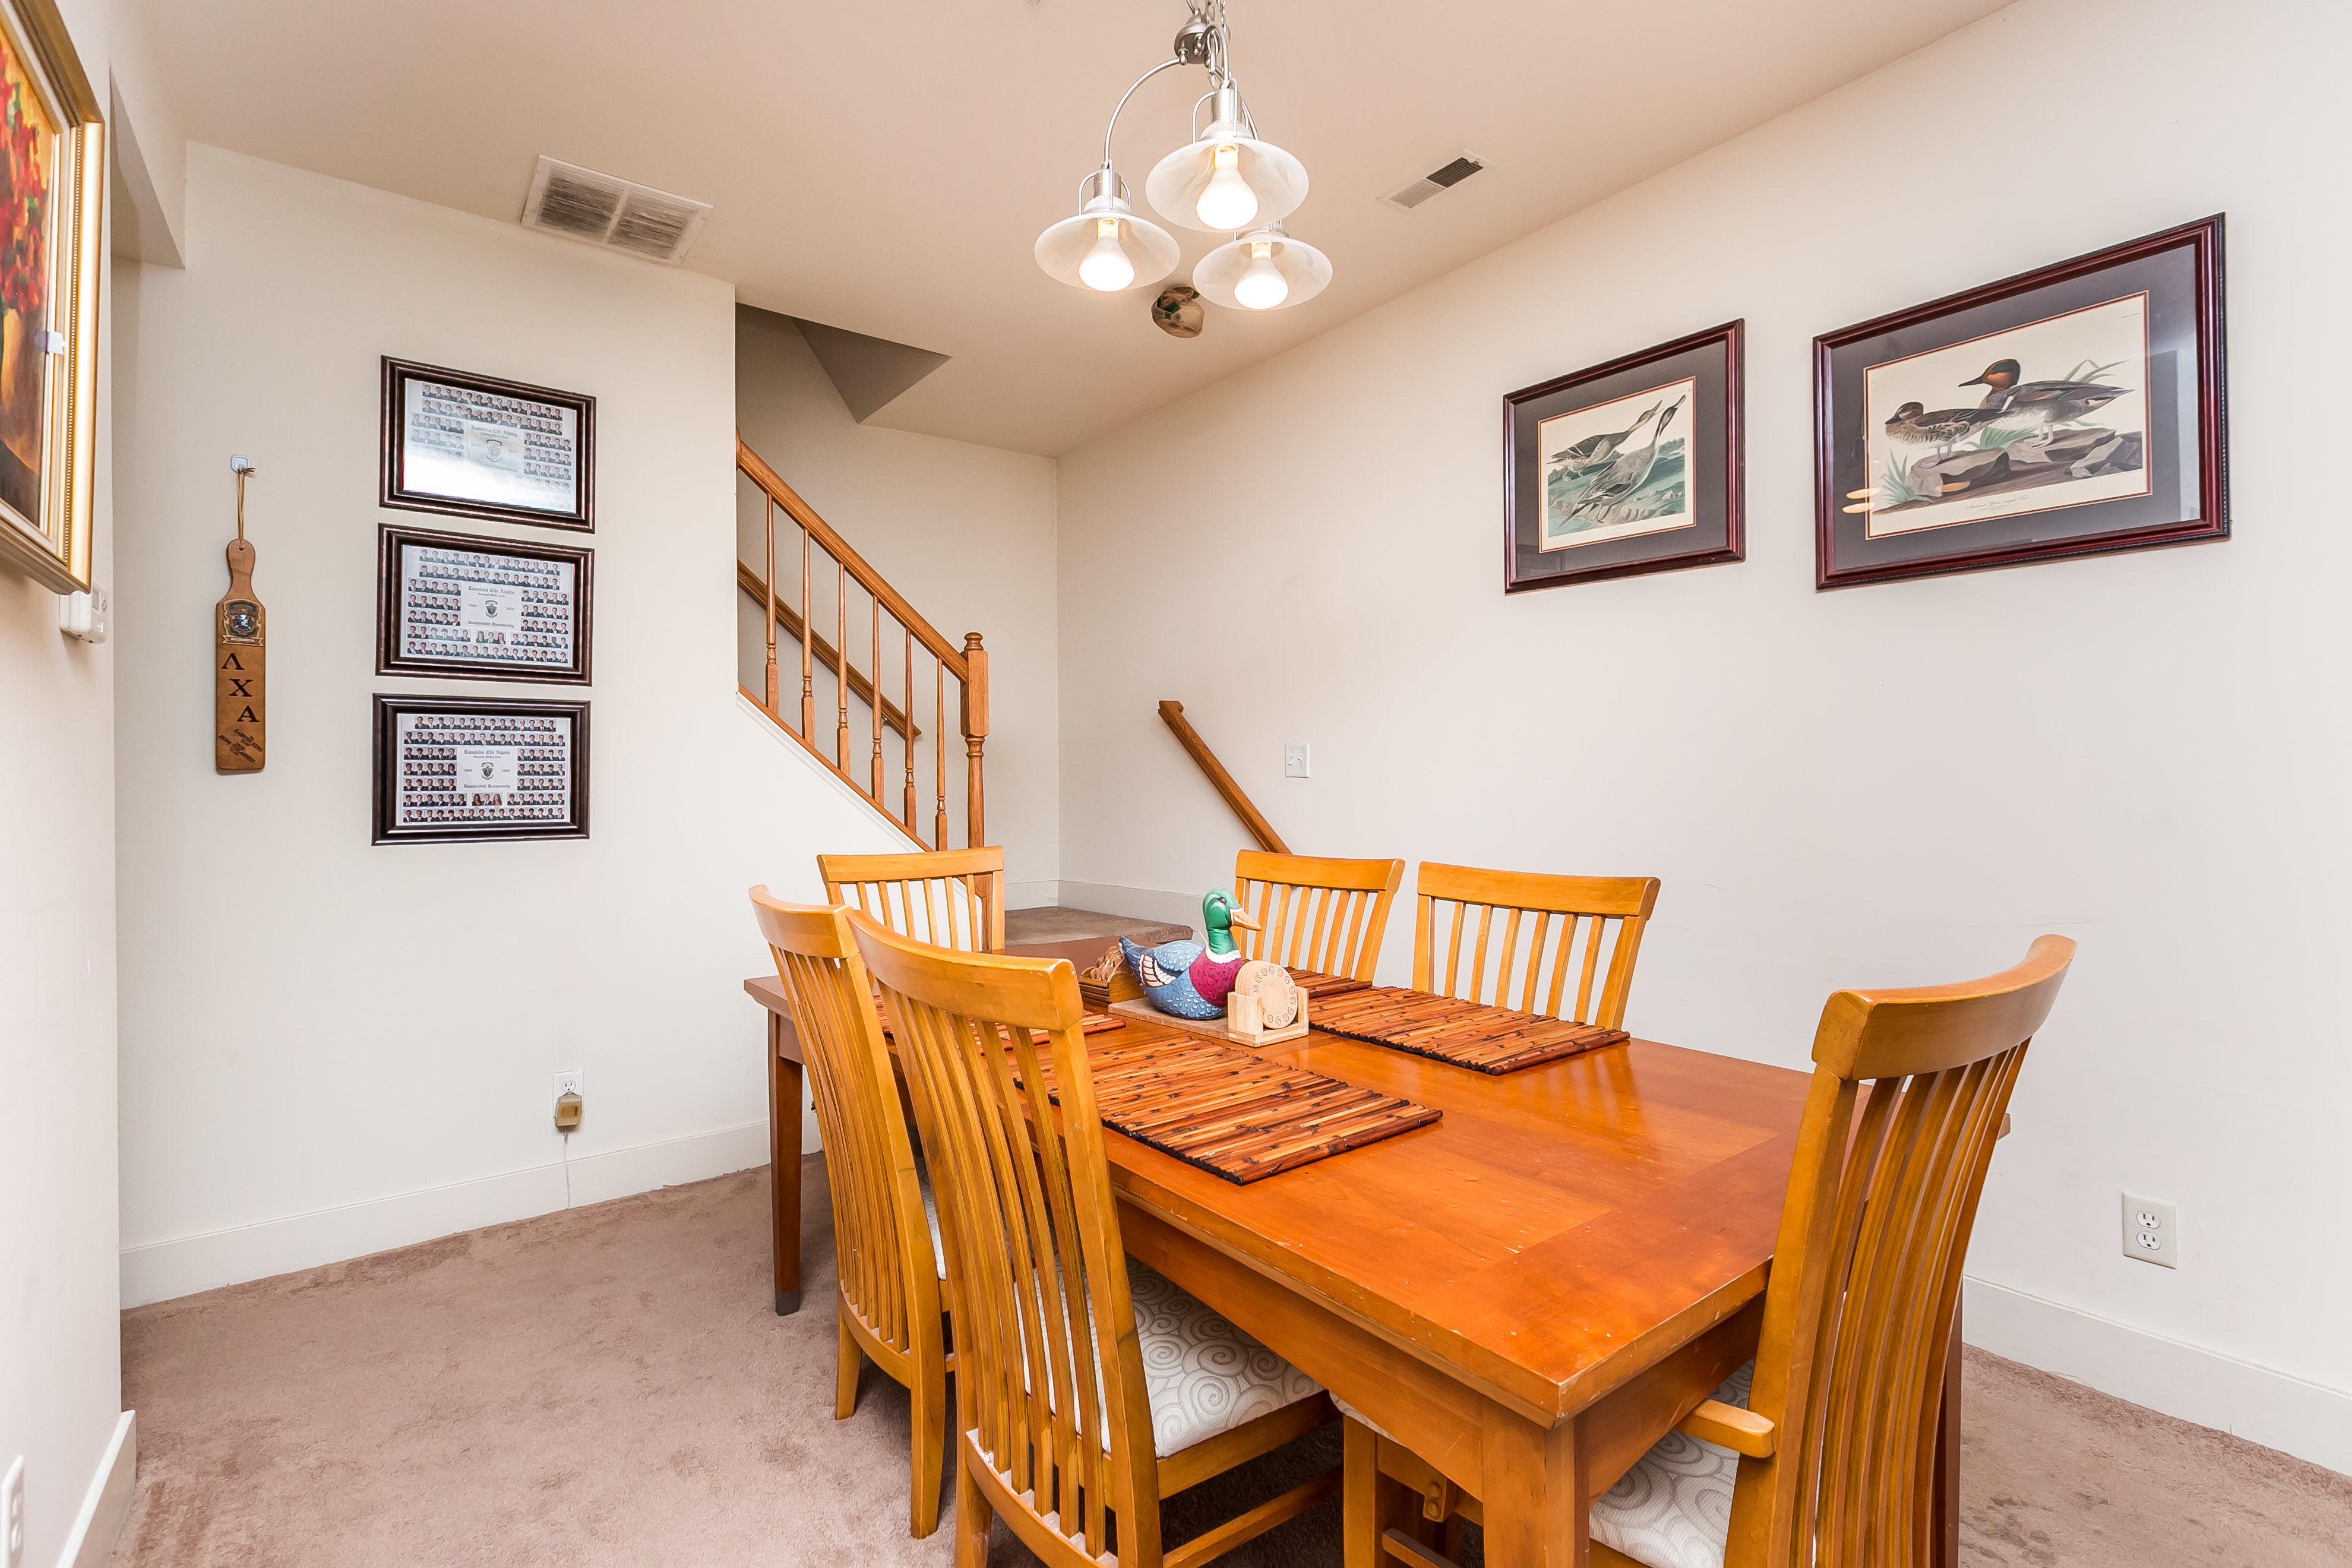 937 South CarolineStreet Dining Room